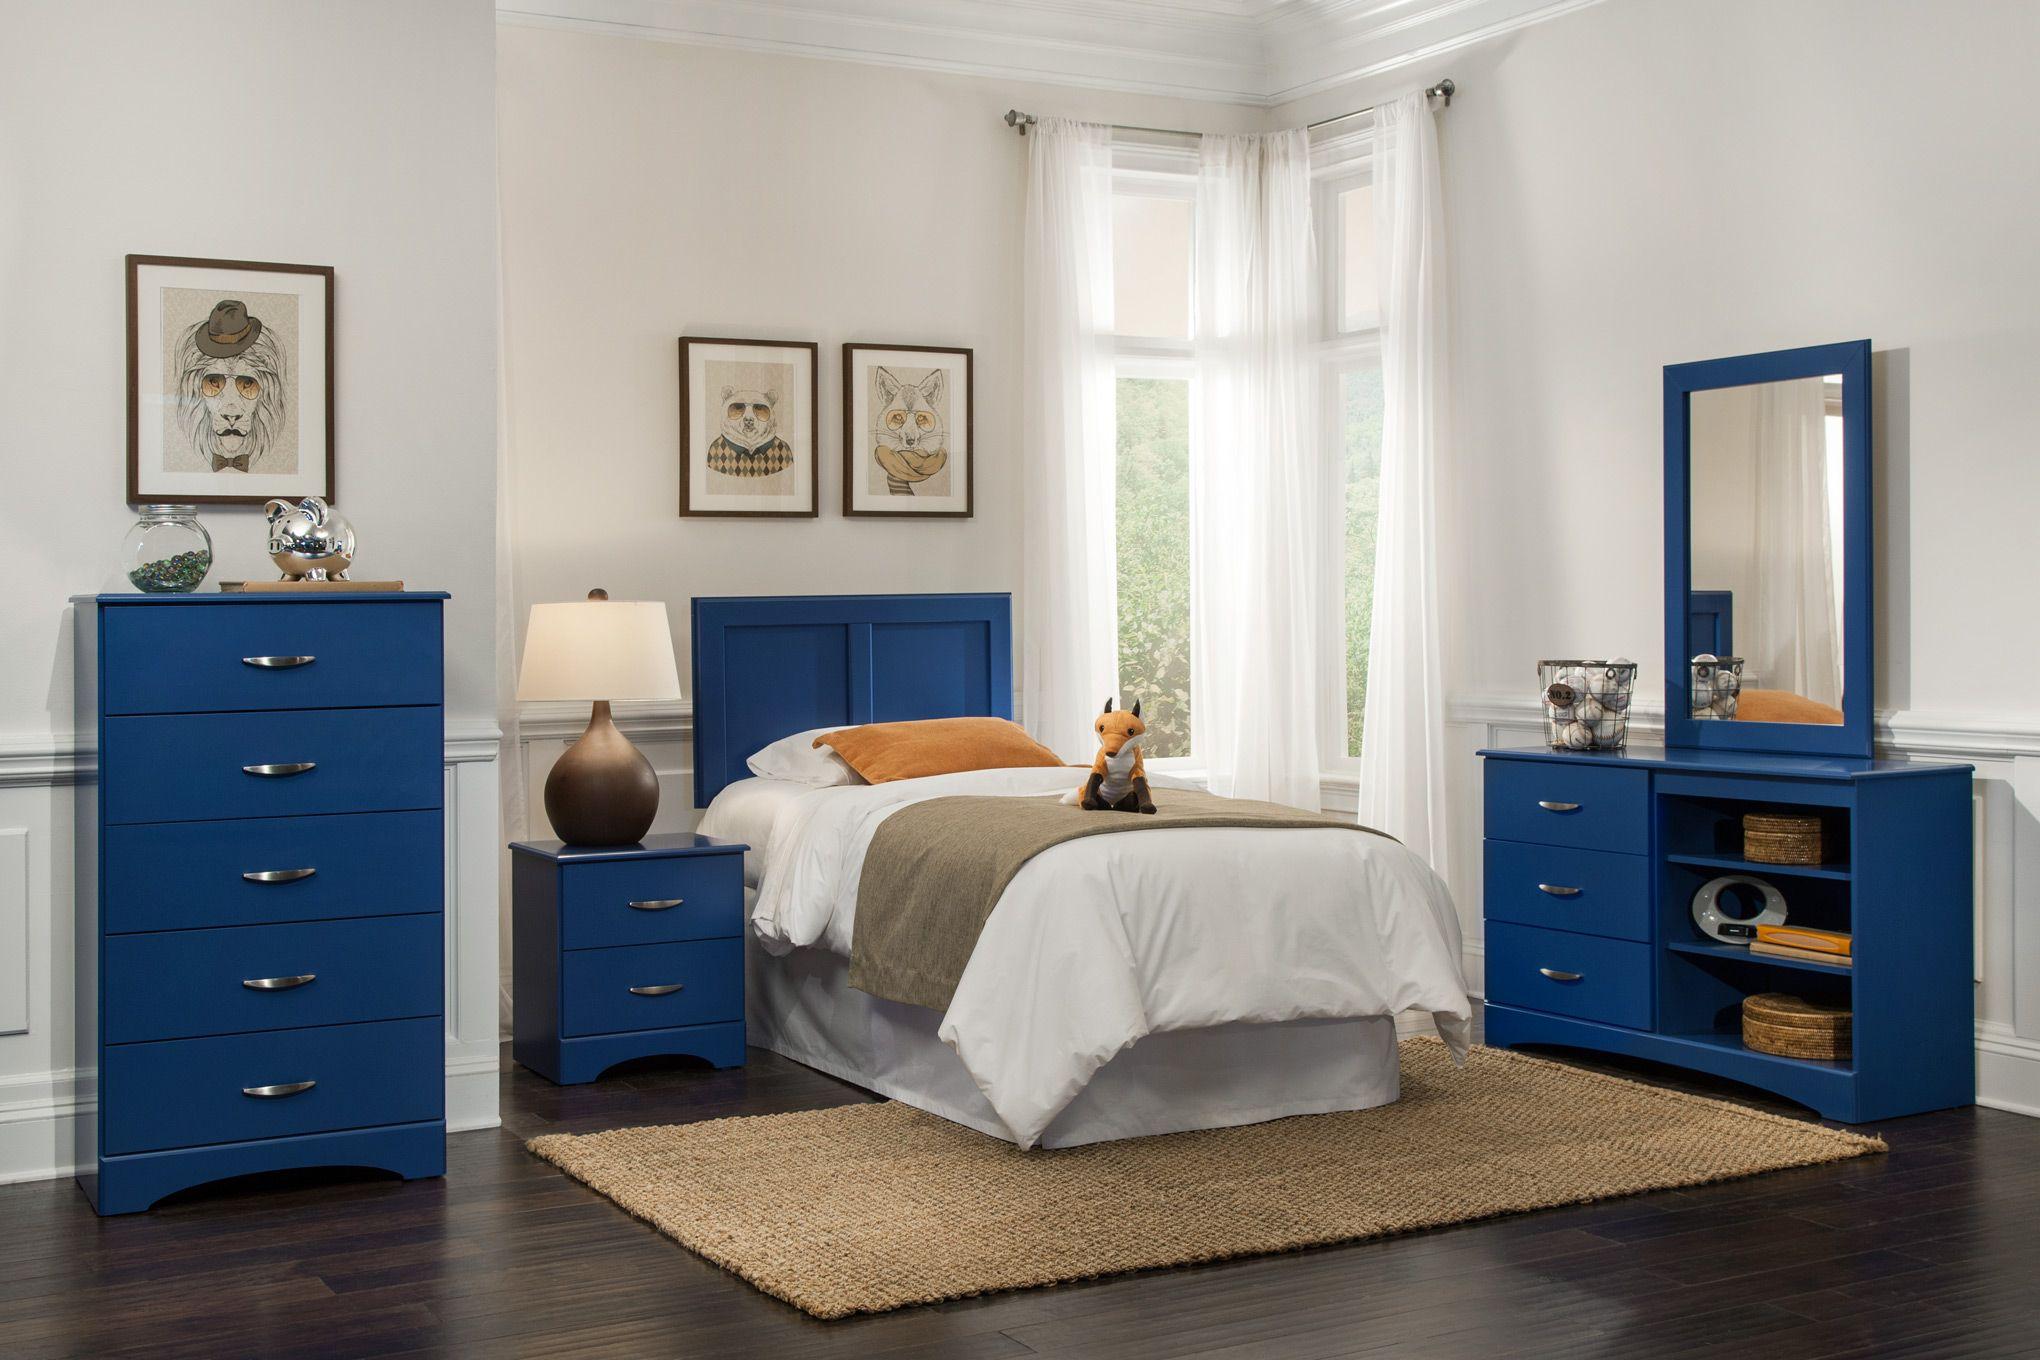 Kith Royal Blue Bedroom Set Blue Bedroom Furniture Blue Kids